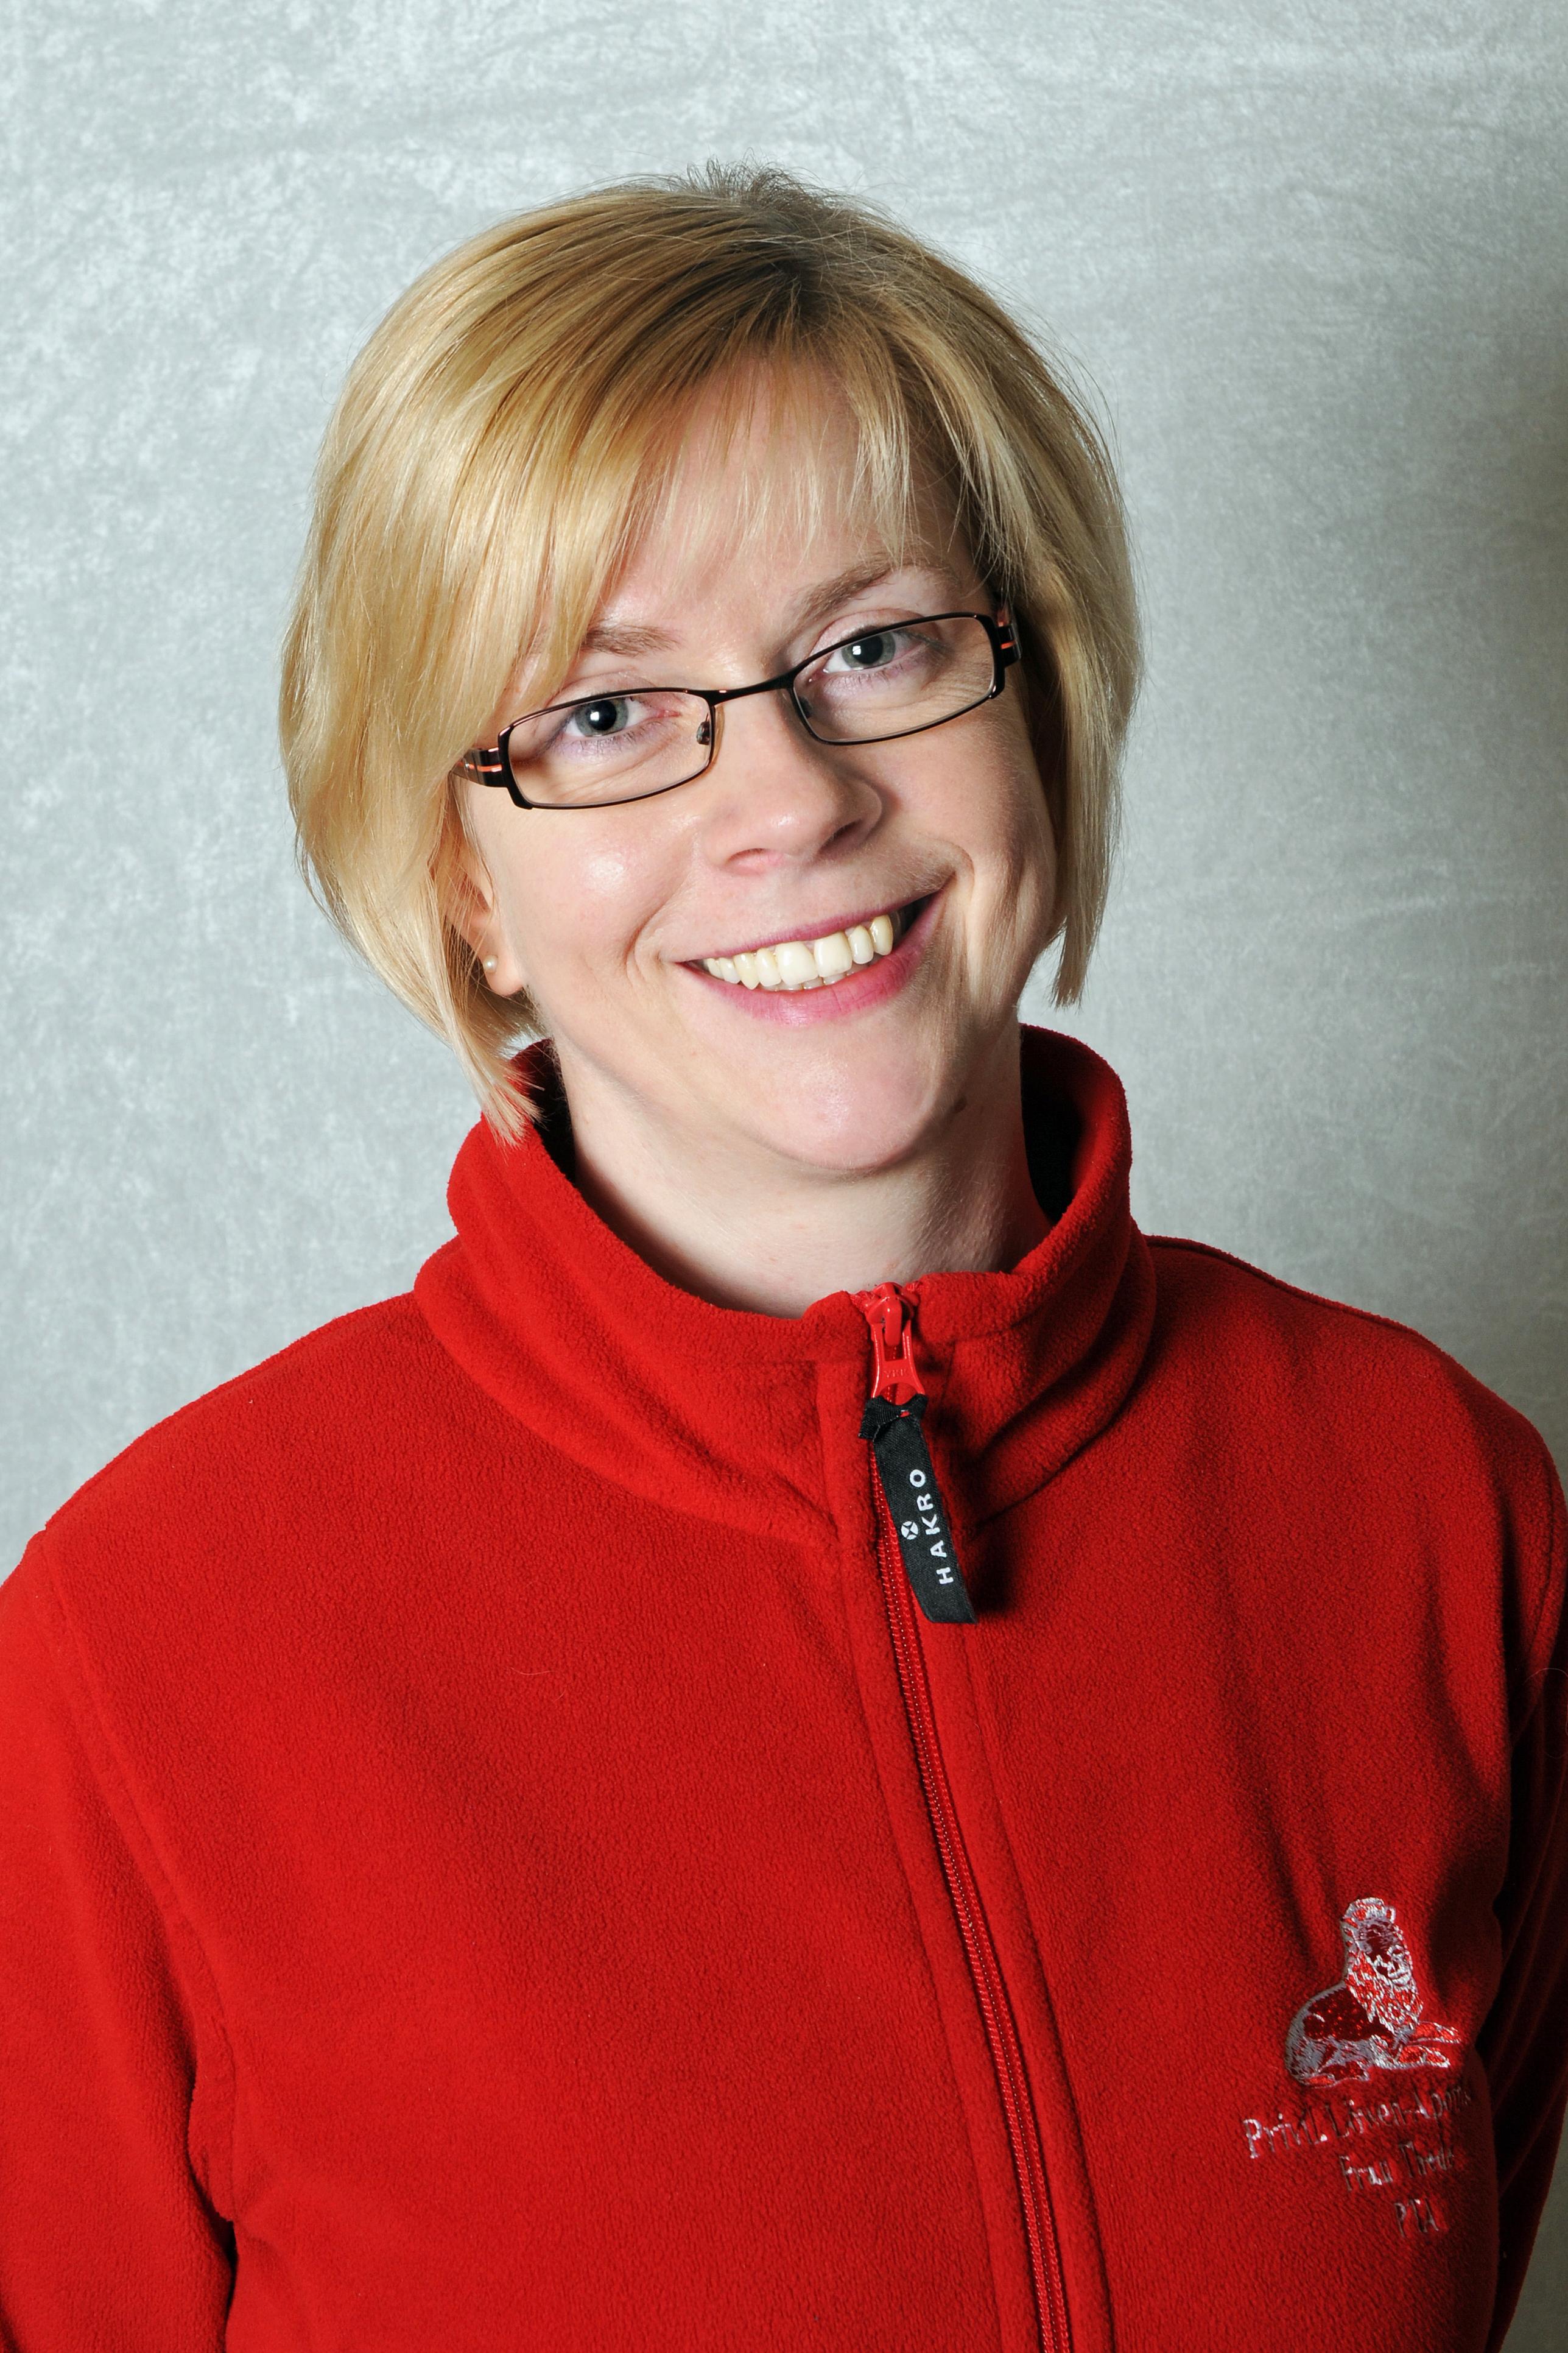 Porträtfoto von Frau Thede